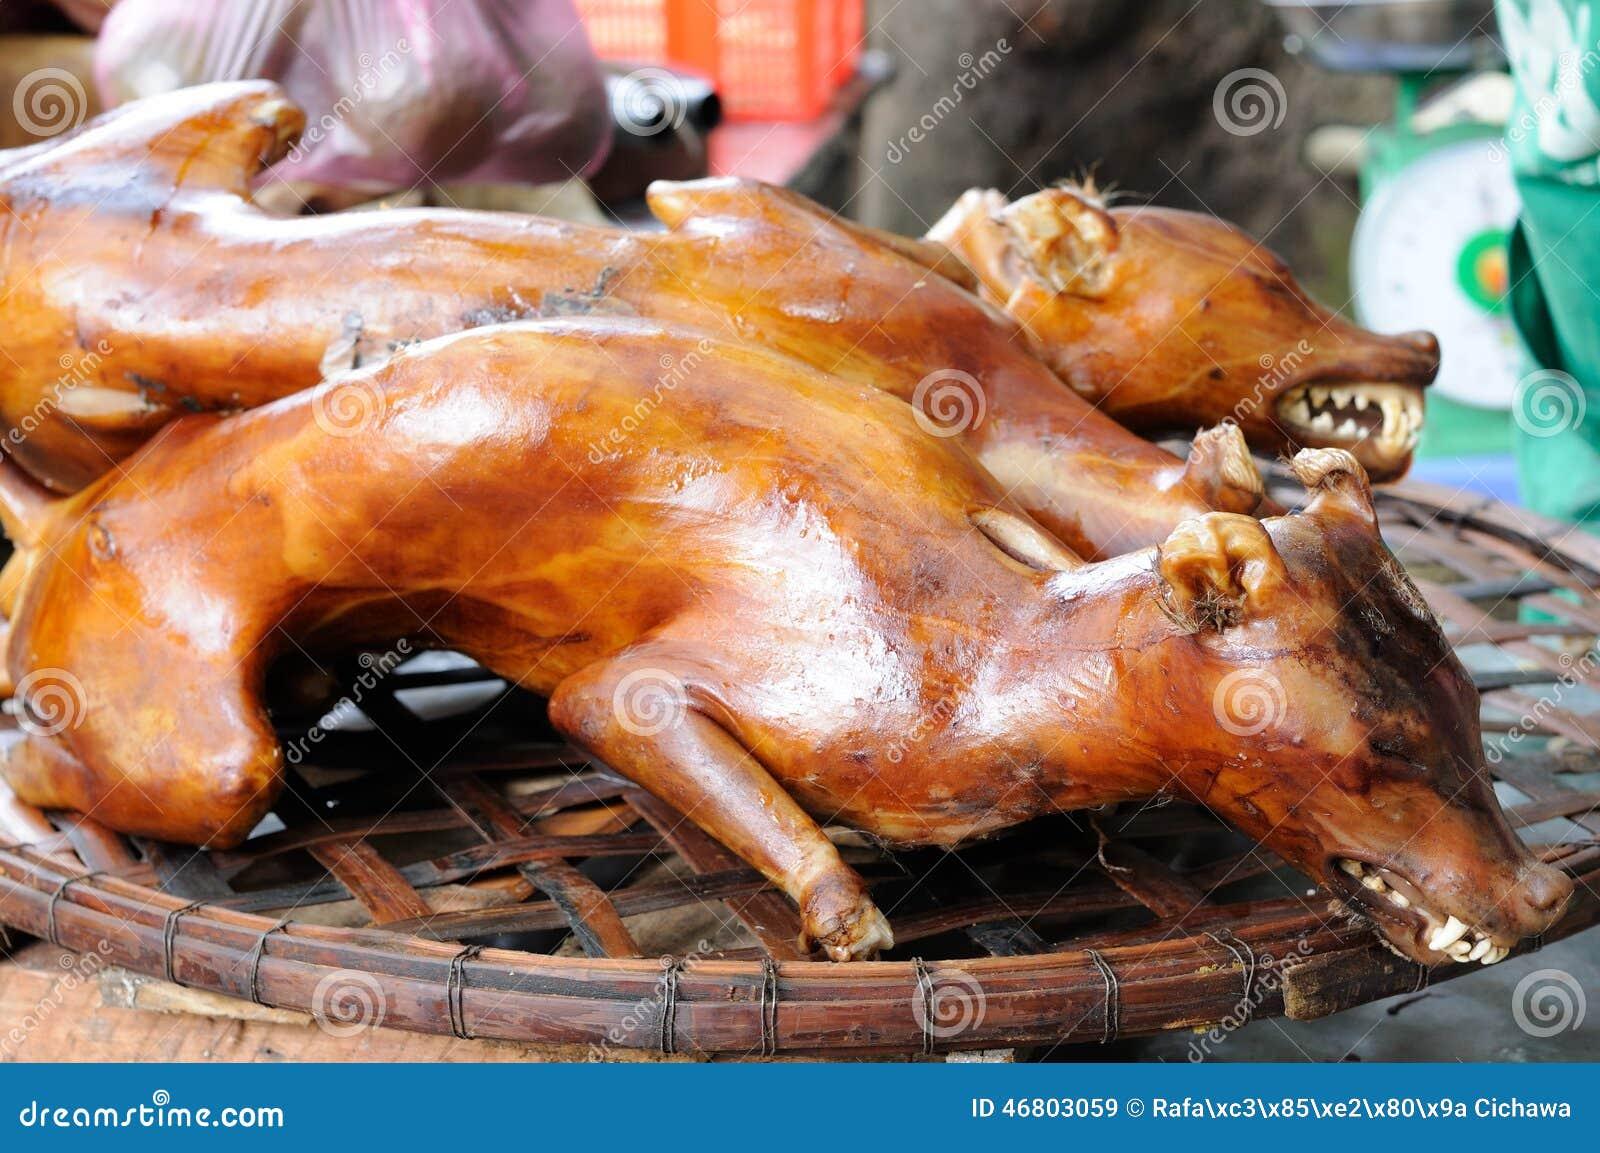 Mercati Di Colore Nel Vietnam Cane Cucinato Immagine Stock